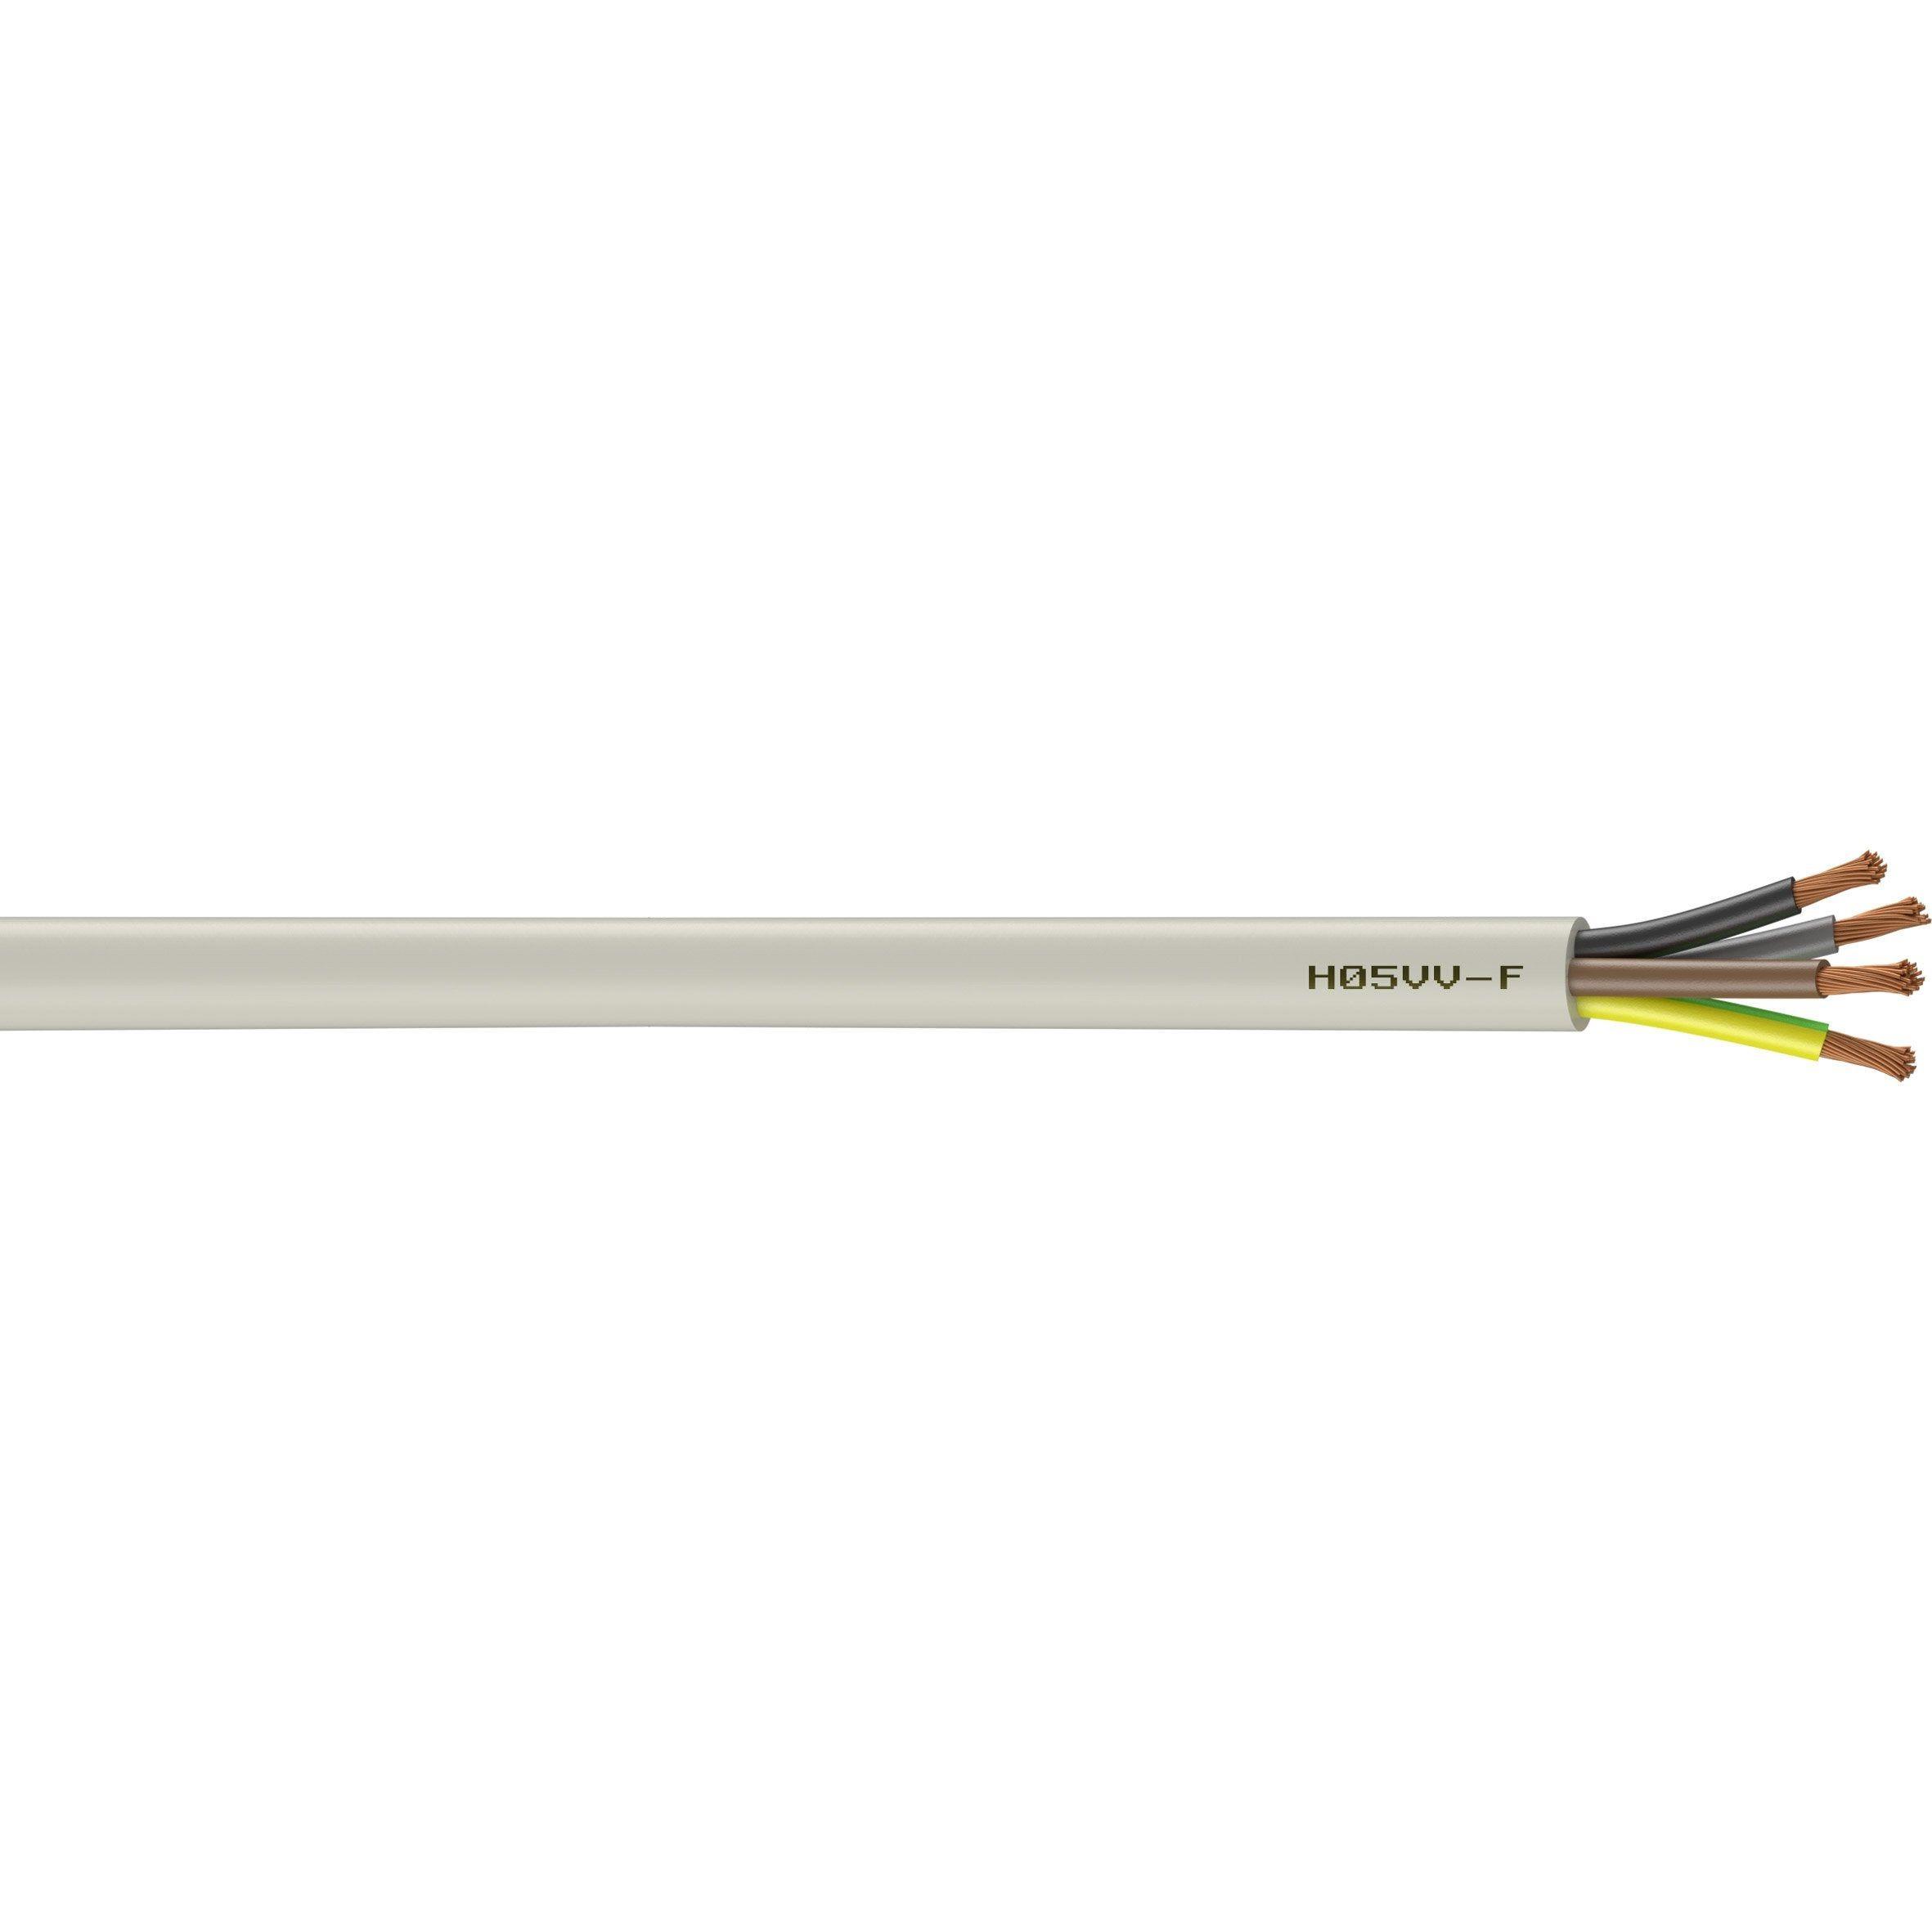 Cable Electrique 4 G 1 5 Mm Ho5vvf En Couronne De 10m Blanc Cable Electrique Electrique Et Blanc